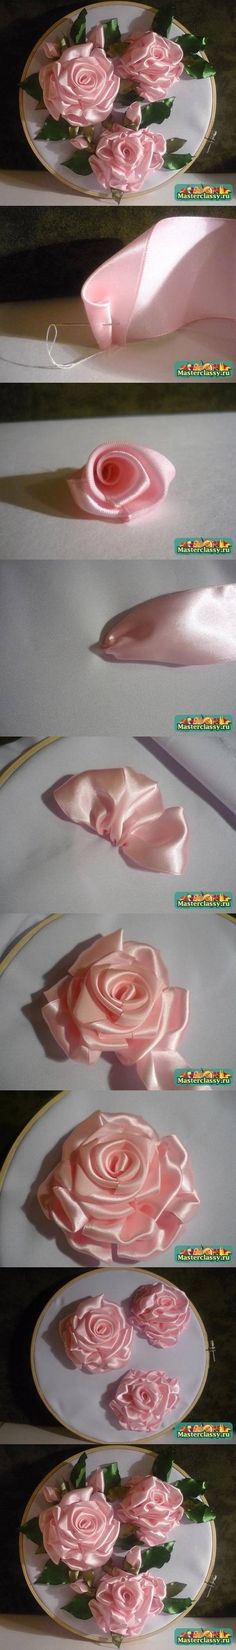 DIY Pink Flowers diy craft crafts easy crafts craft idea diy ideas home diy diy flowers easy diy home crafts diy craft craft flowers valentines crafts diy valentines ideas